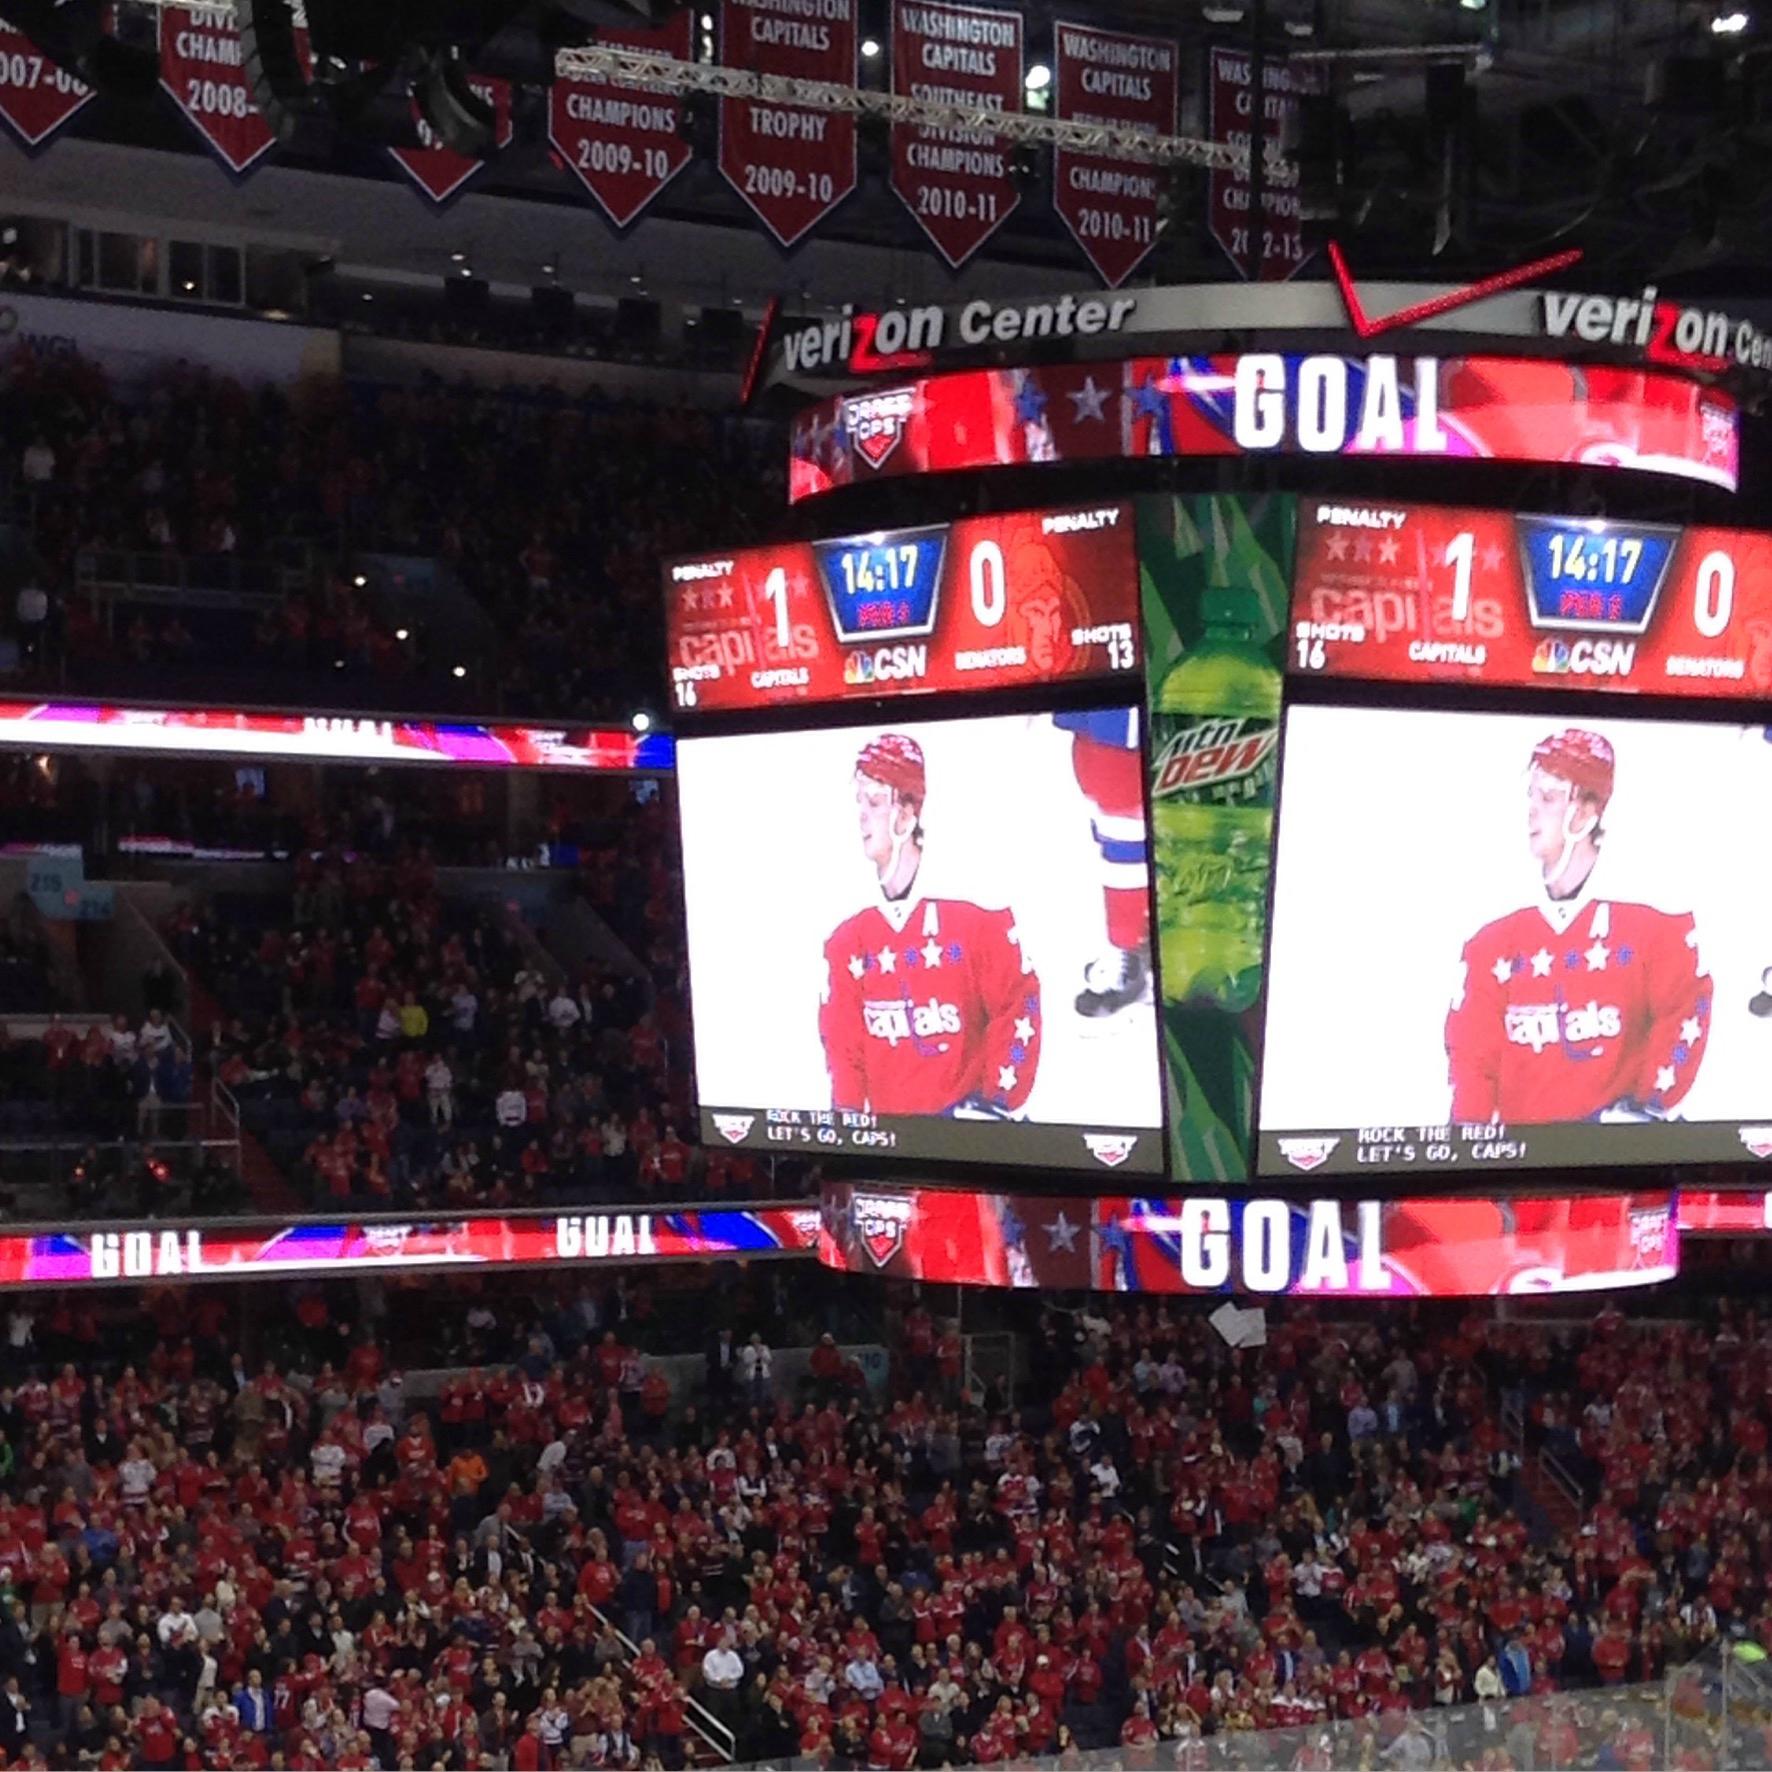 AAA Mid-Atlantic's #ShareTheJourney Honors Local Hockey